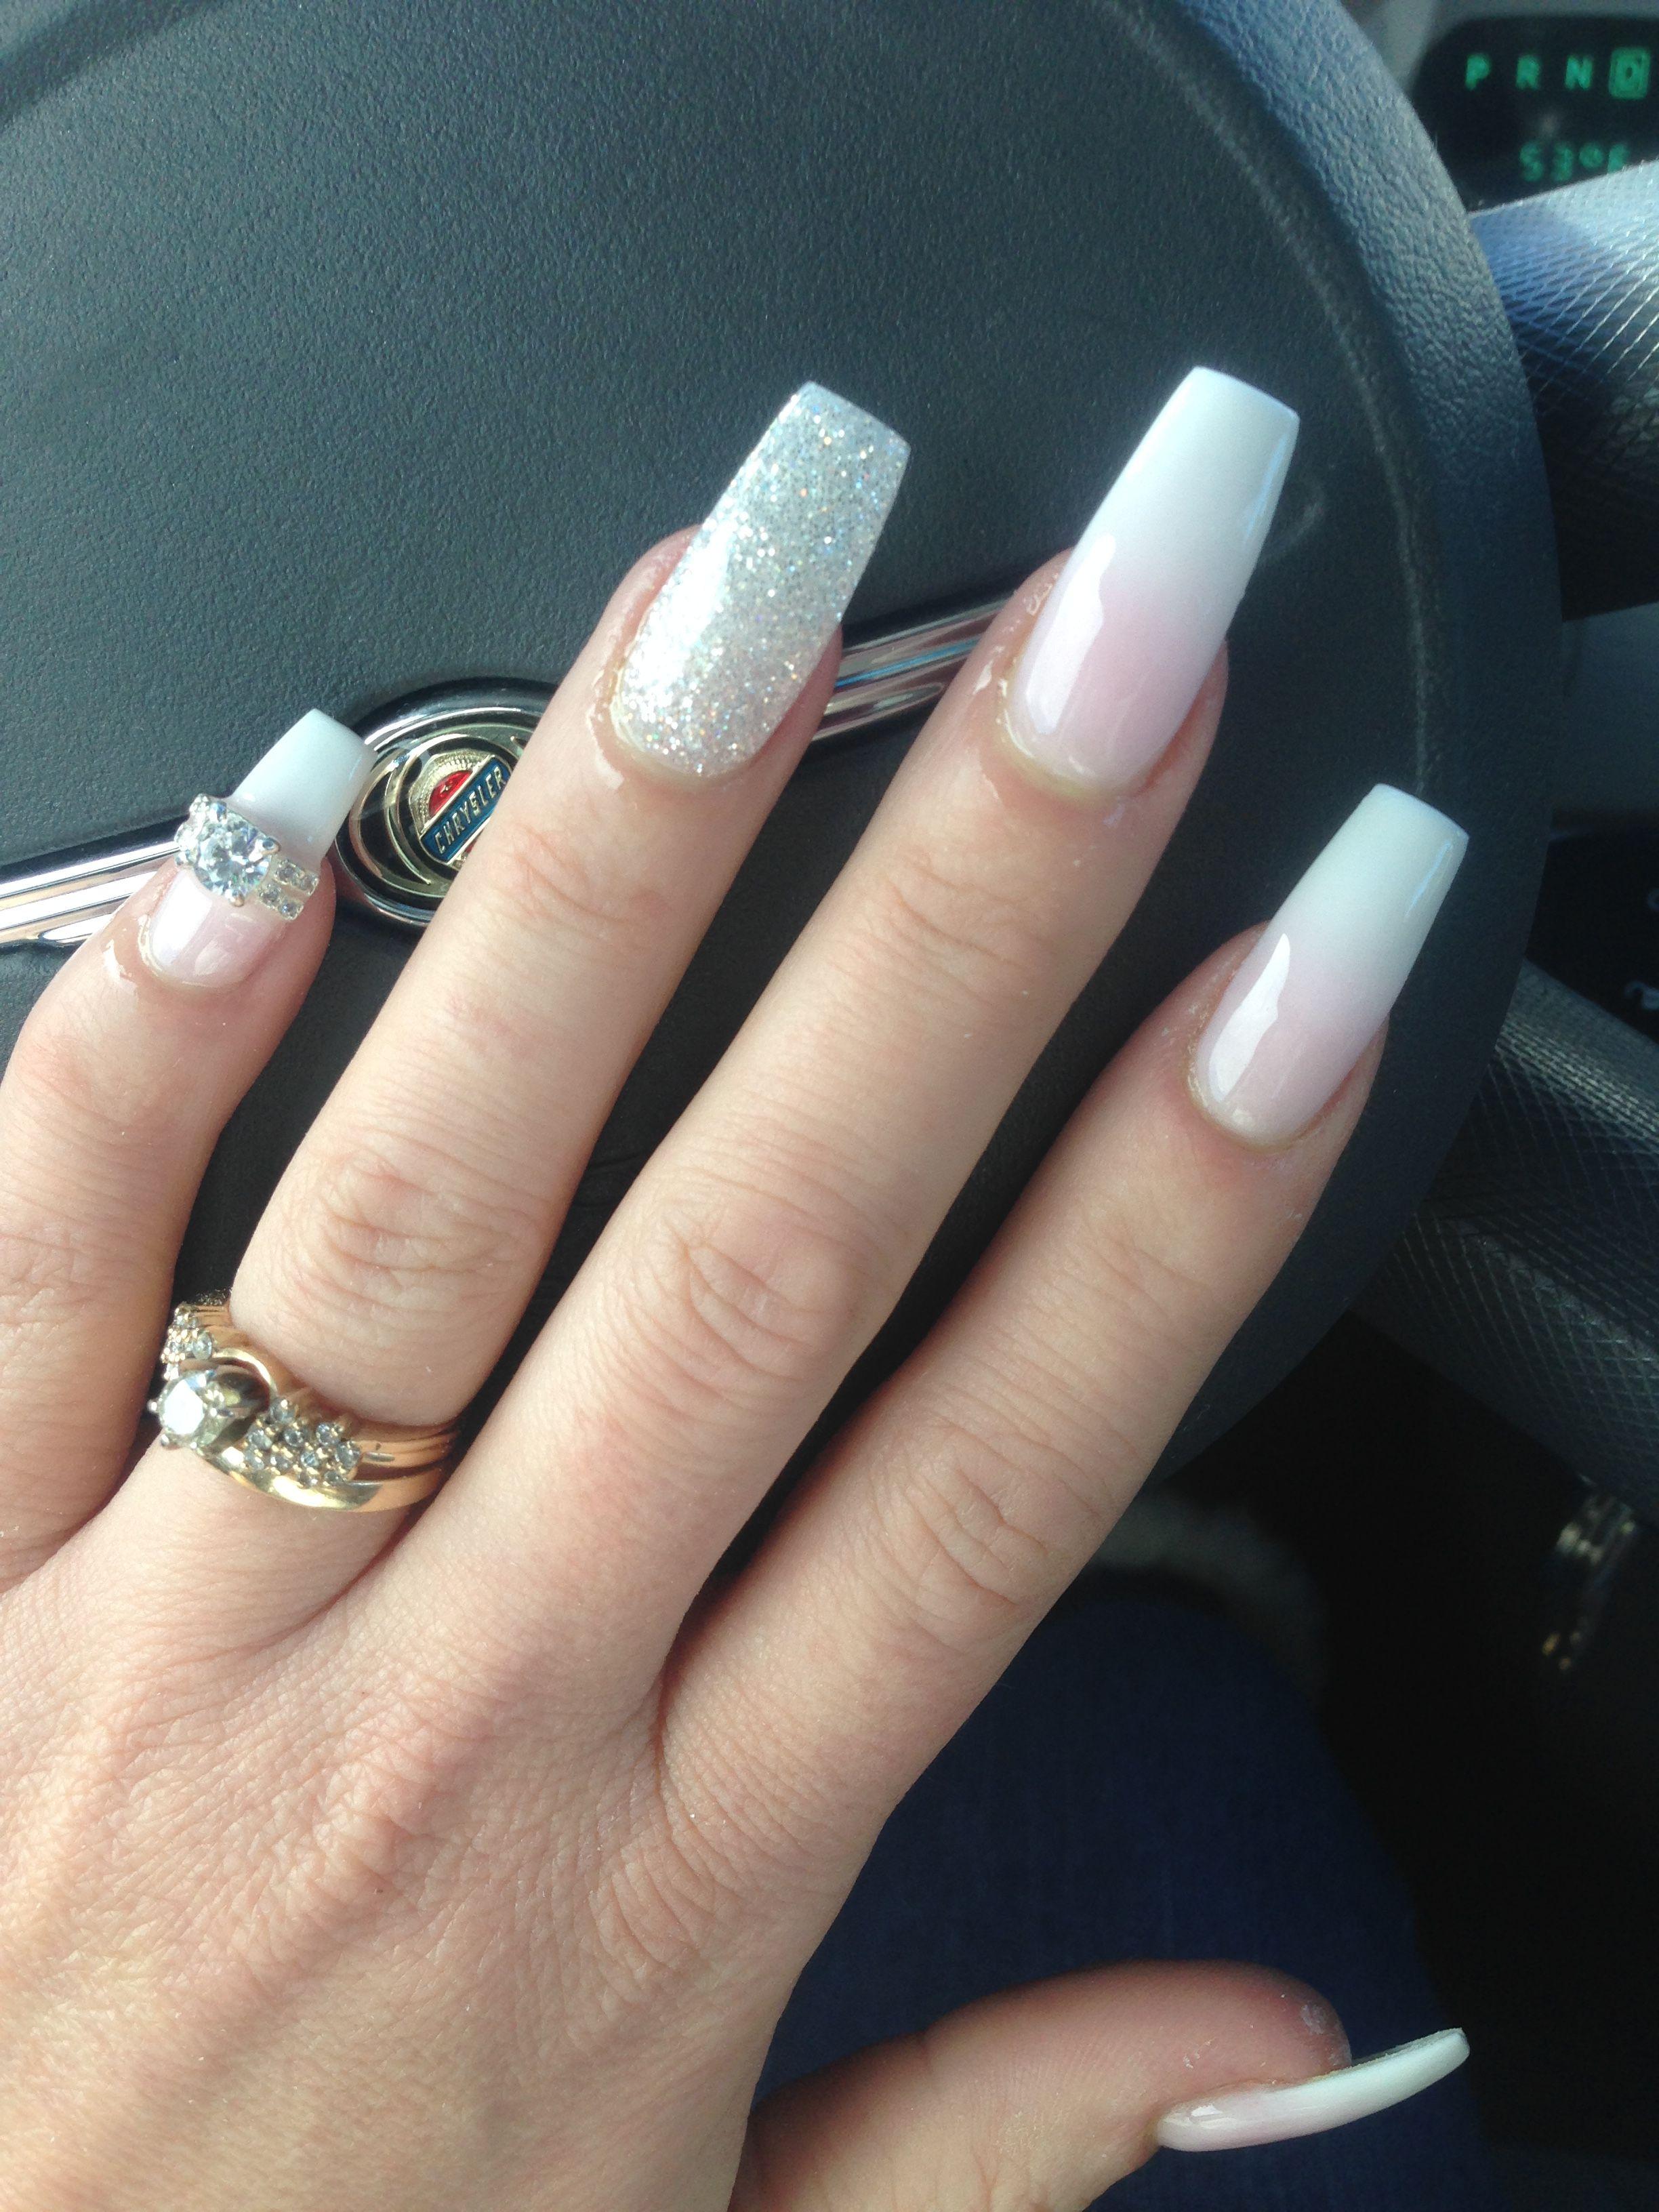 Pin von Rachelle McNeill auf Nails nails nails | Pinterest | Fingernägel